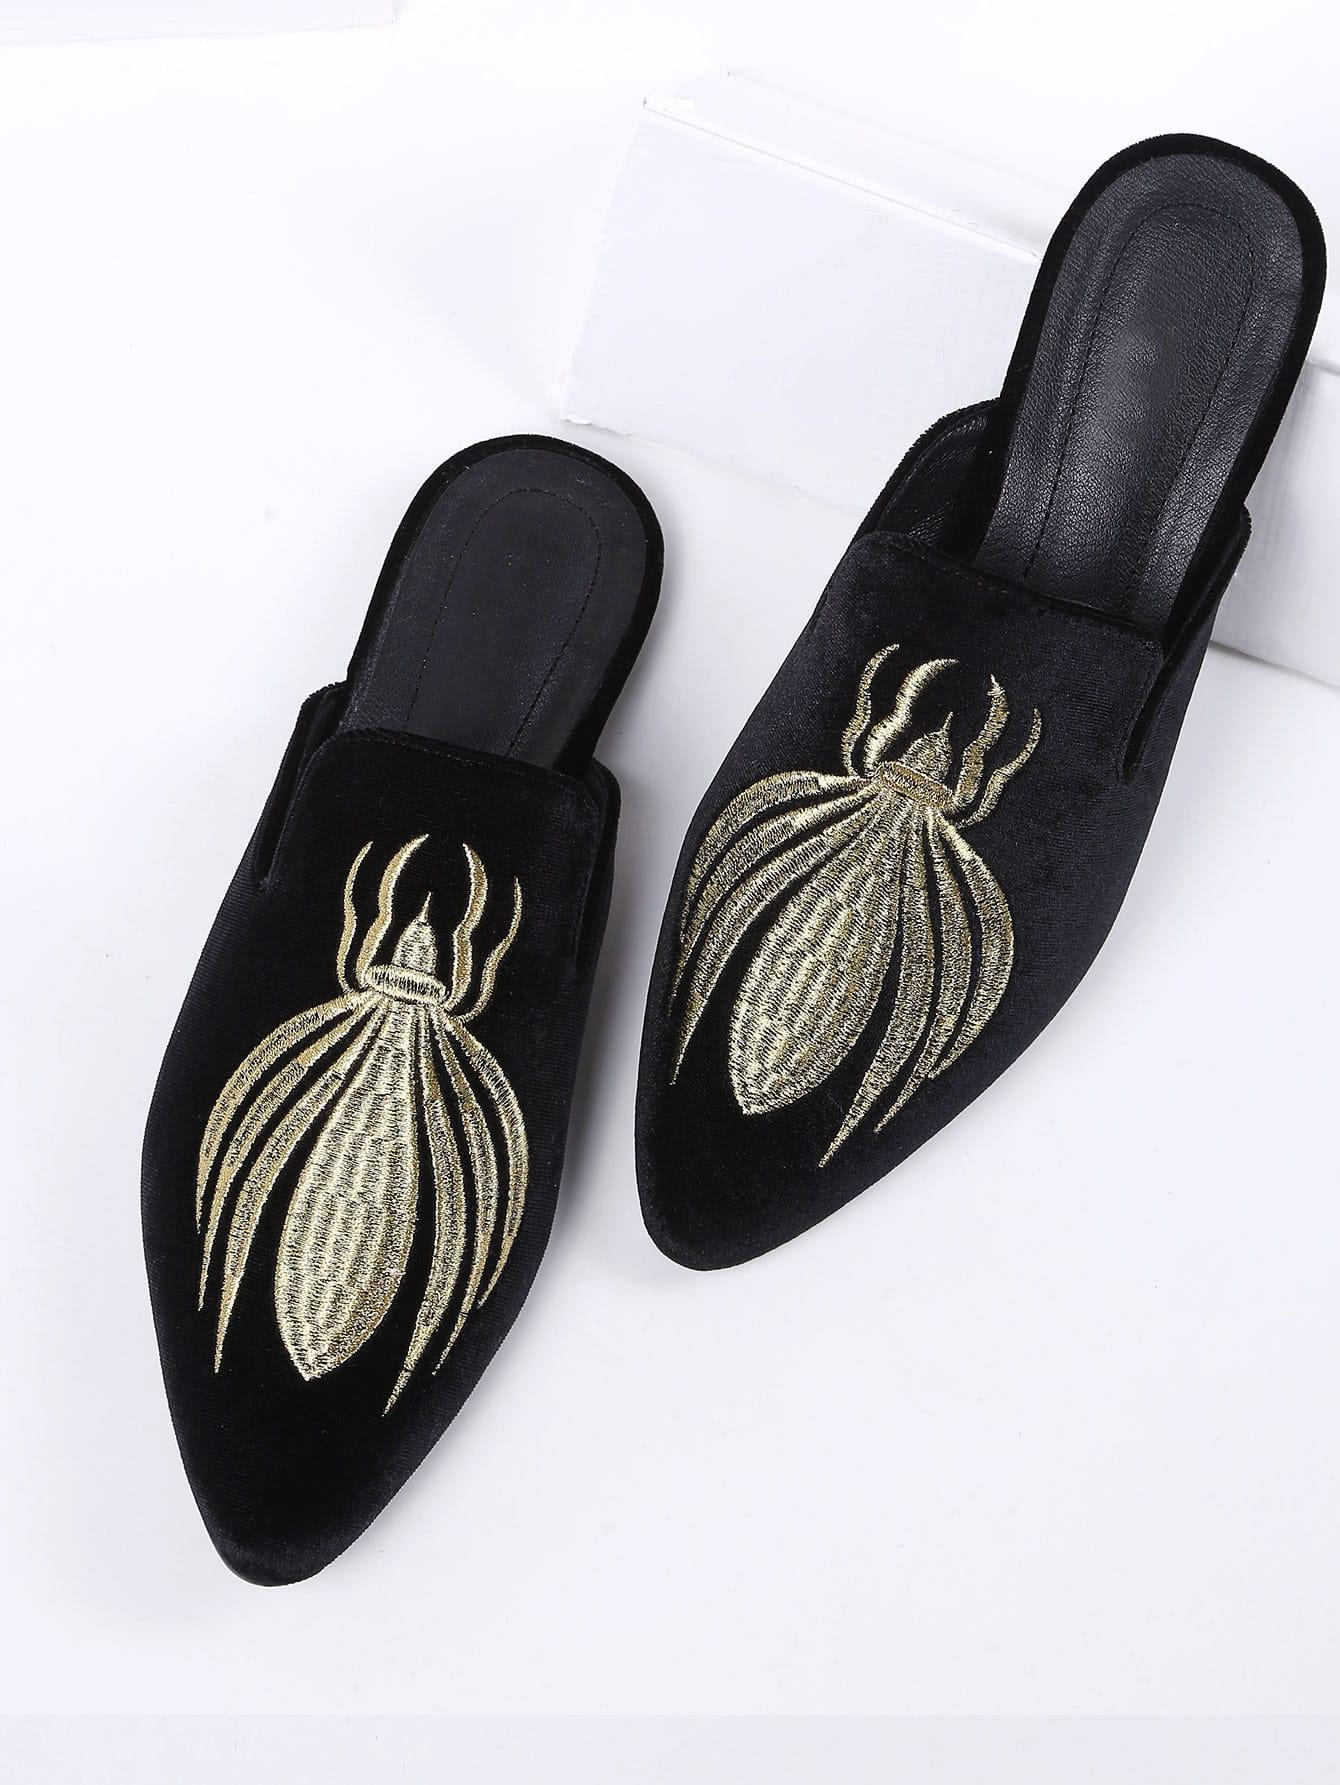 Image of Black Embroidery Point Toe Velvet Flat Slippers